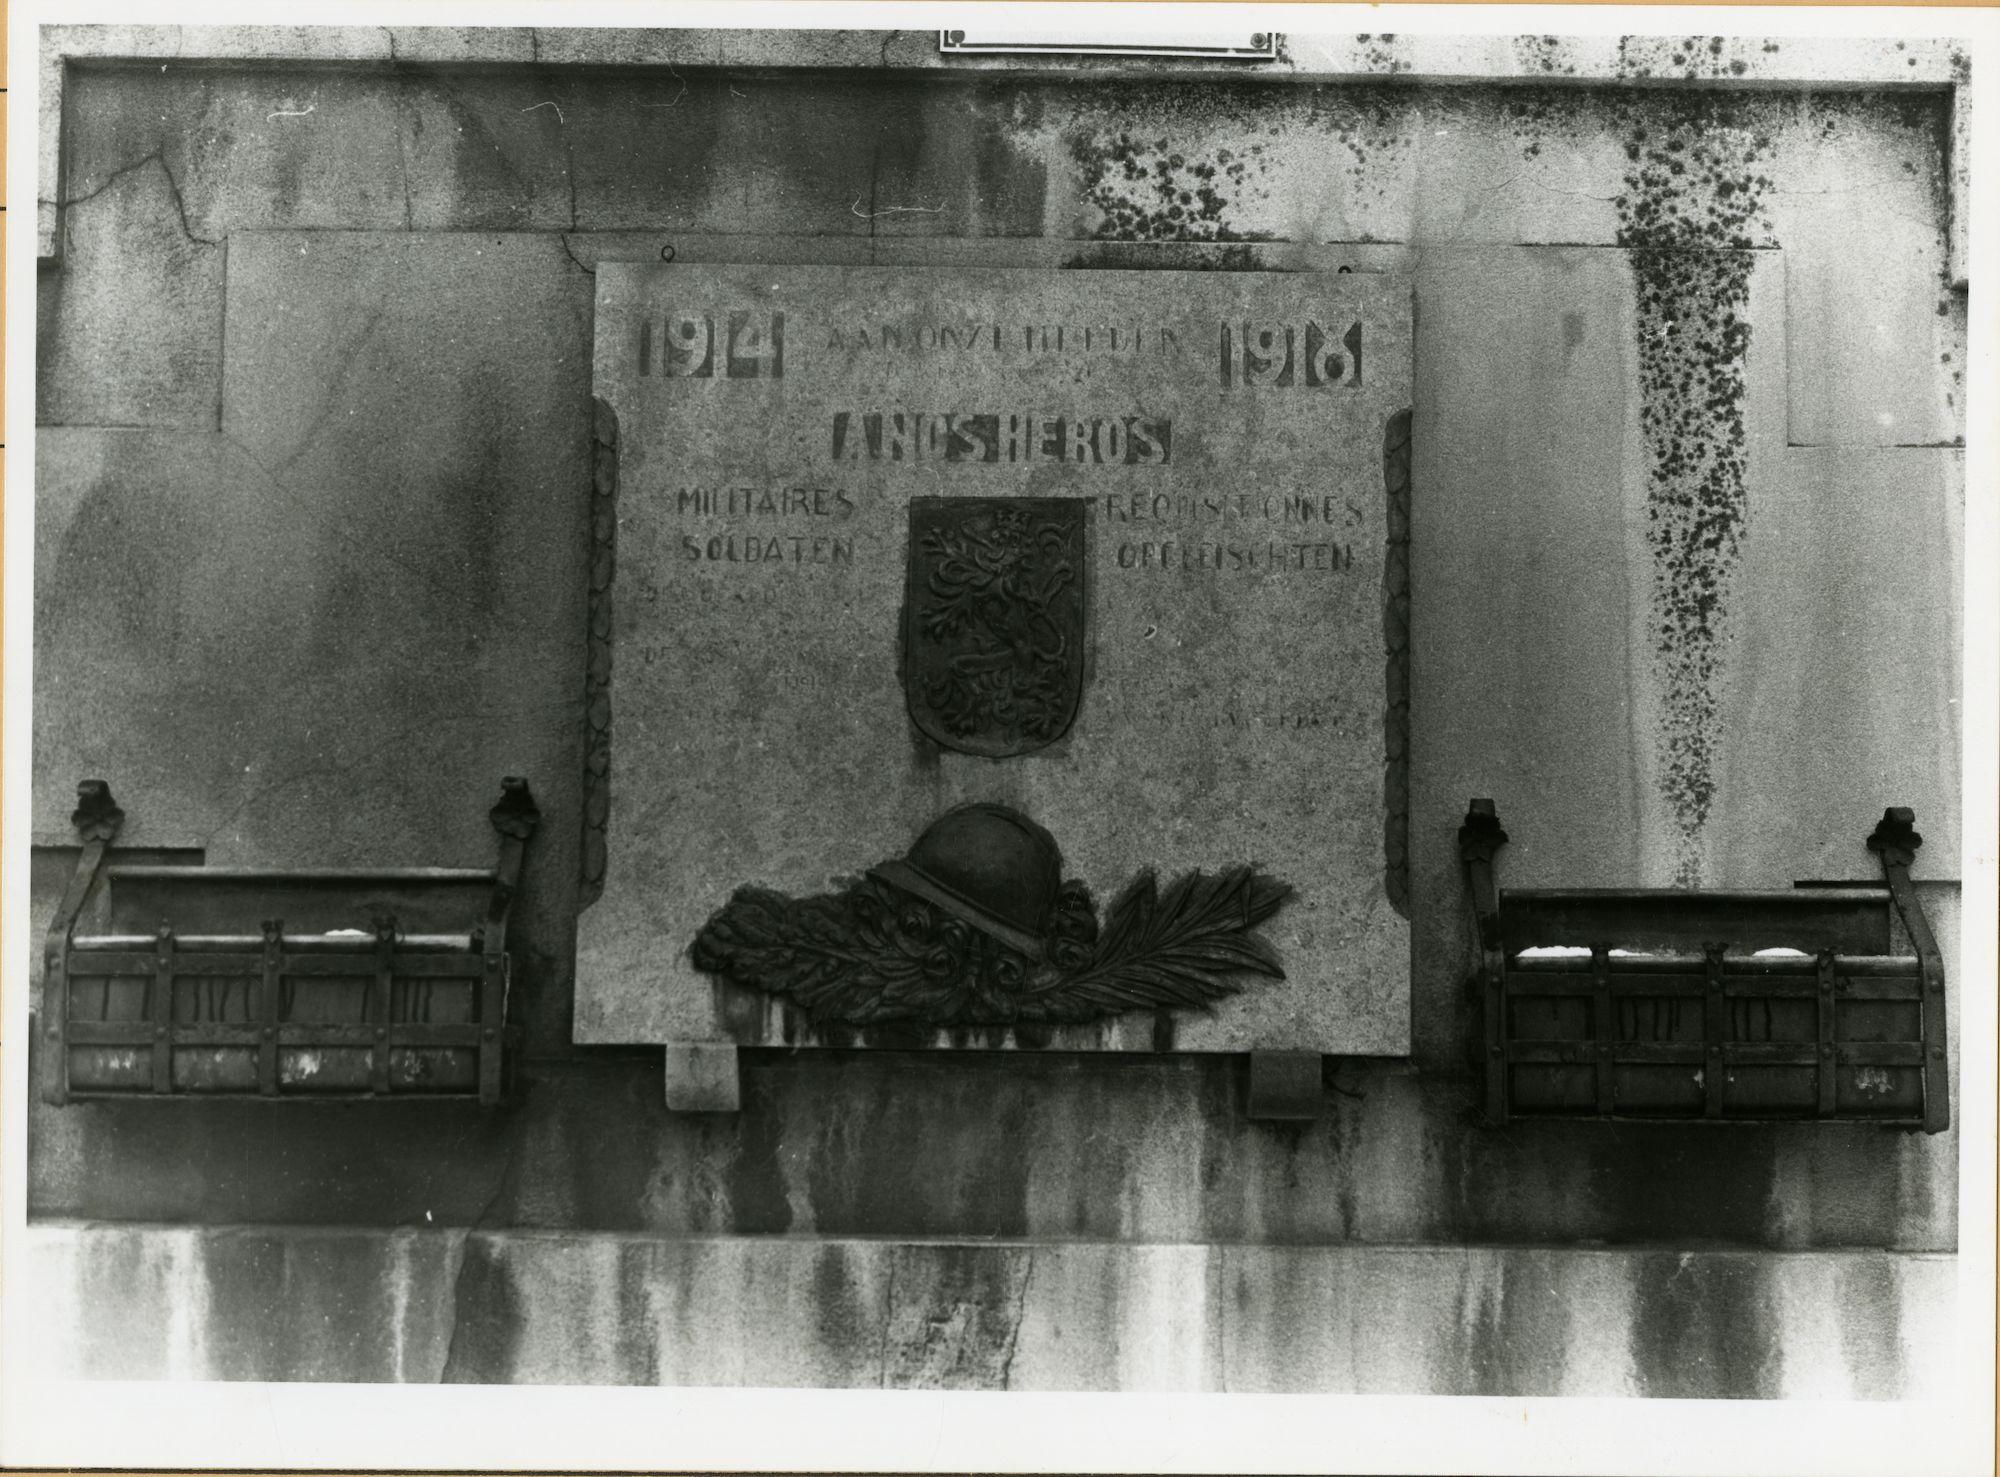 Gent: Brabantdam 40: Gedenkplaat: Wereldoorlog 1, 1979